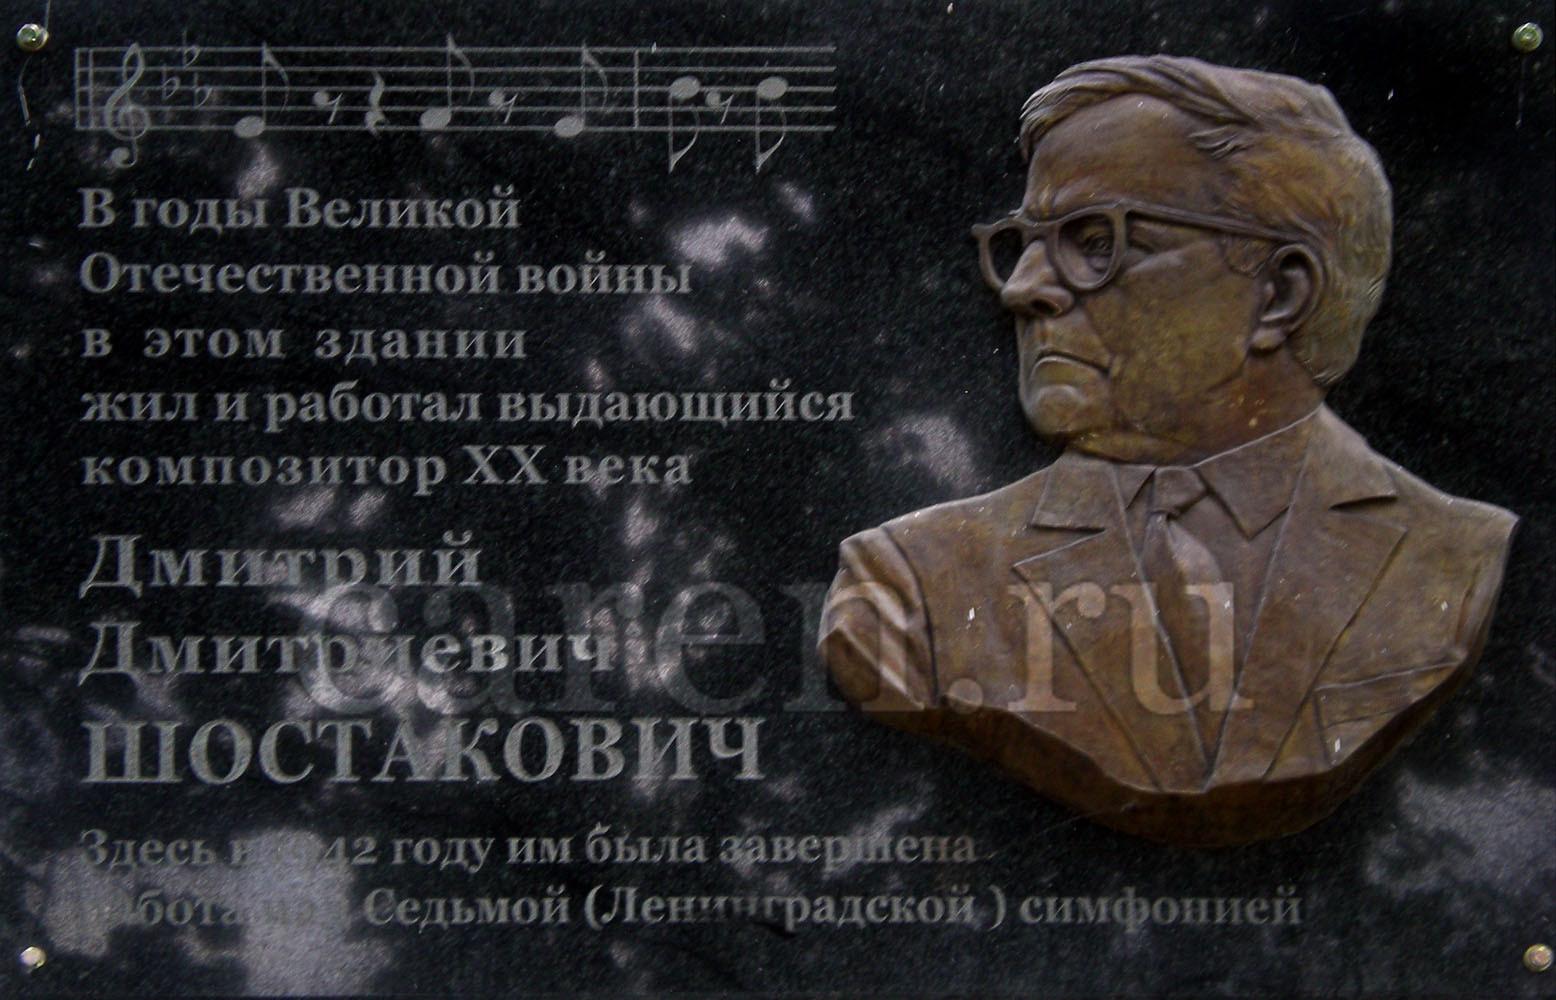 """Мемориальная доска """"Д. Д. Шостакович"""""""